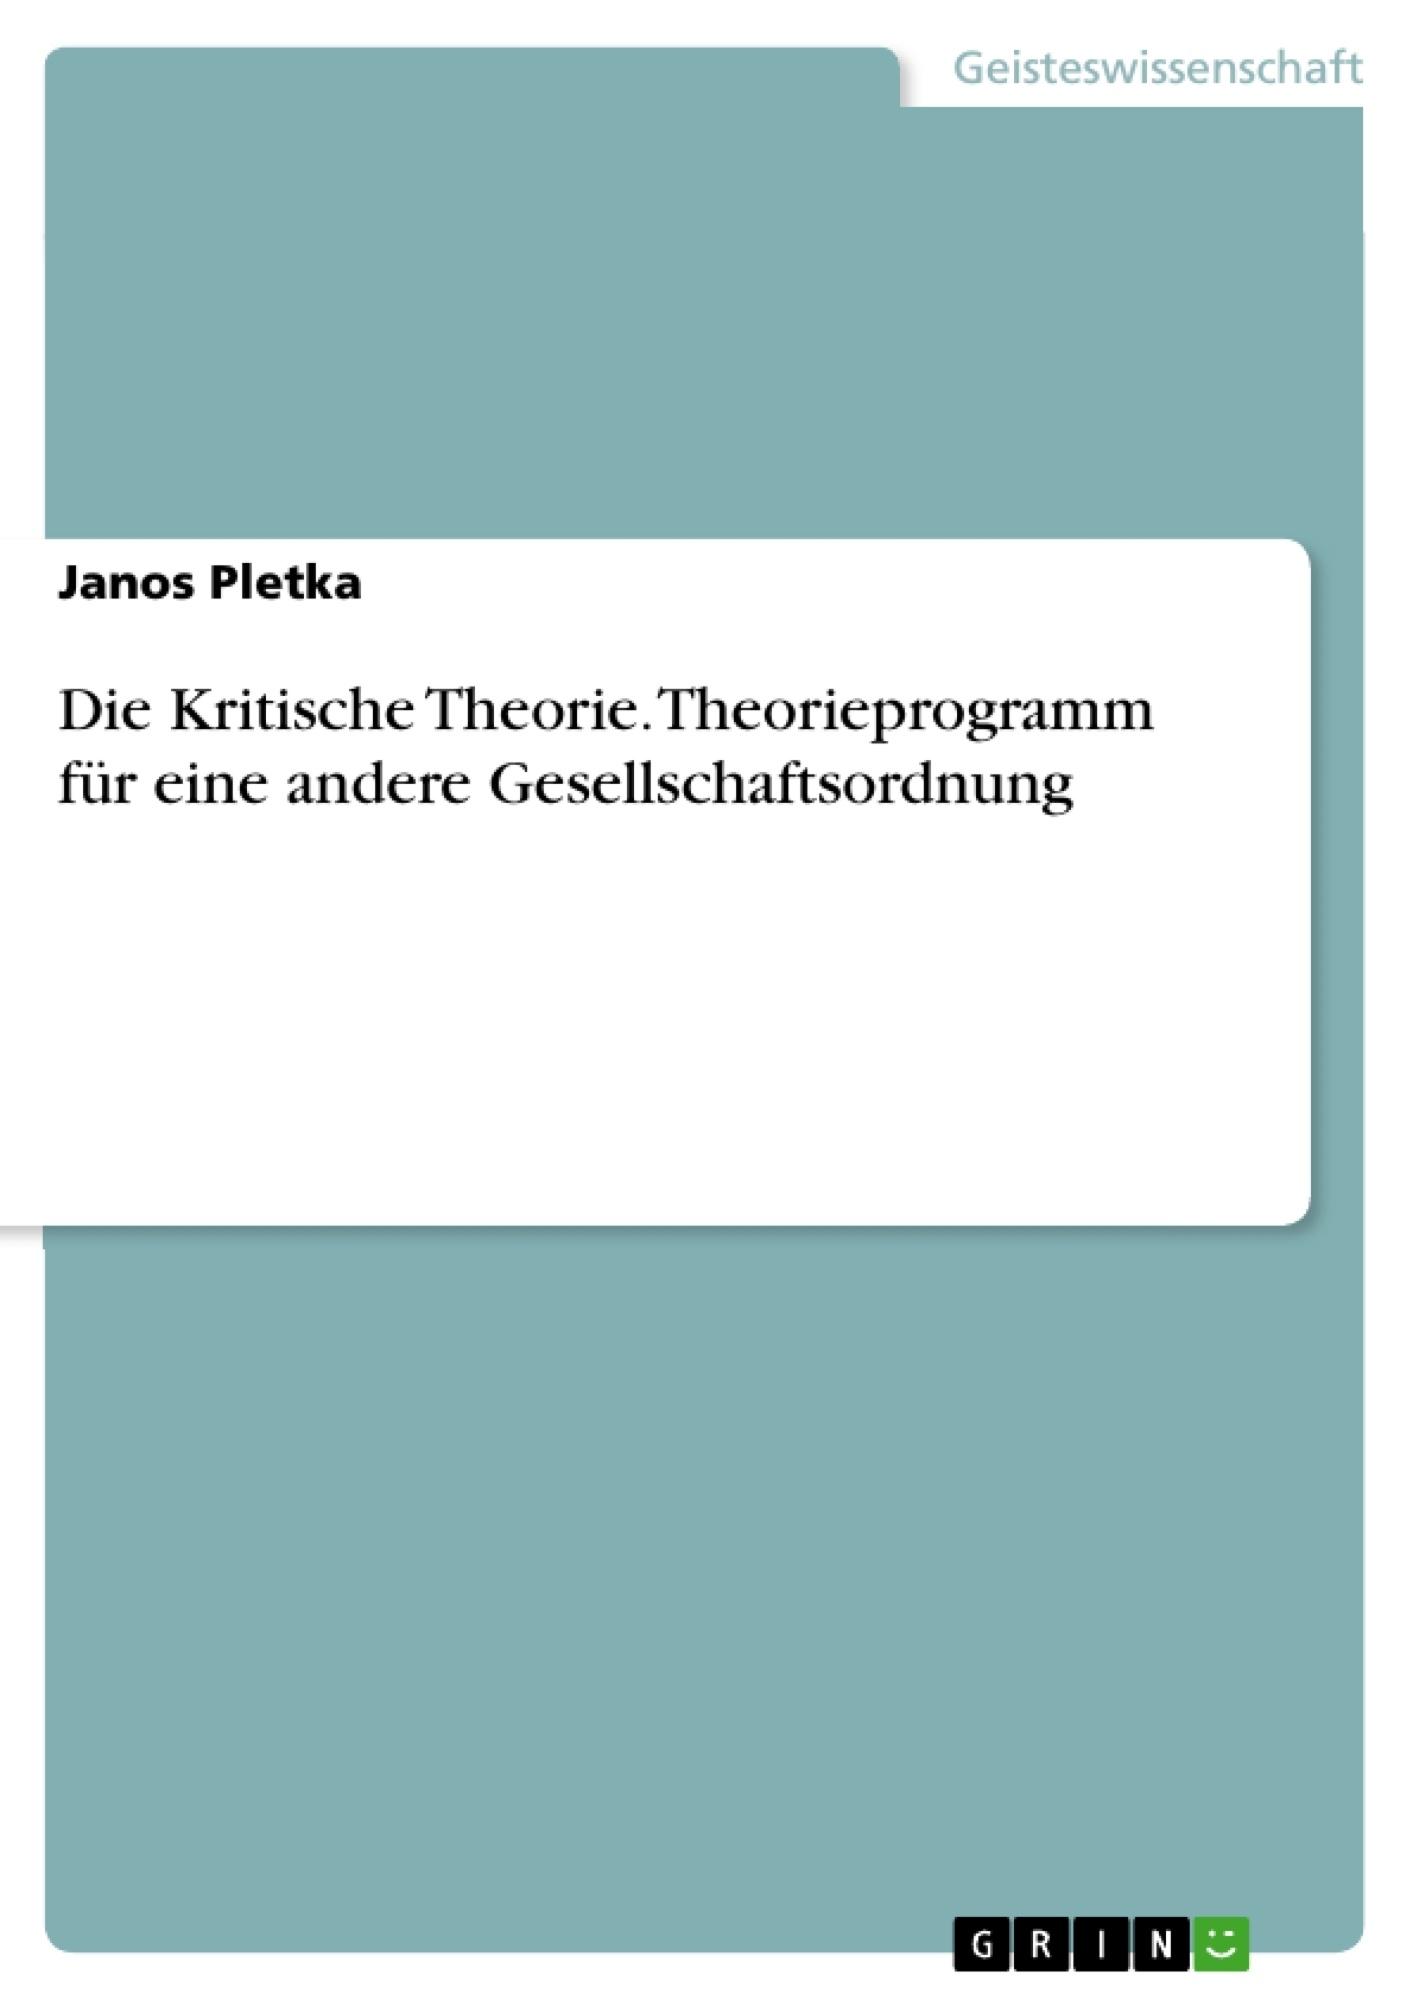 Titel: Die Kritische Theorie. Theorieprogramm für eine andere Gesellschaftsordnung